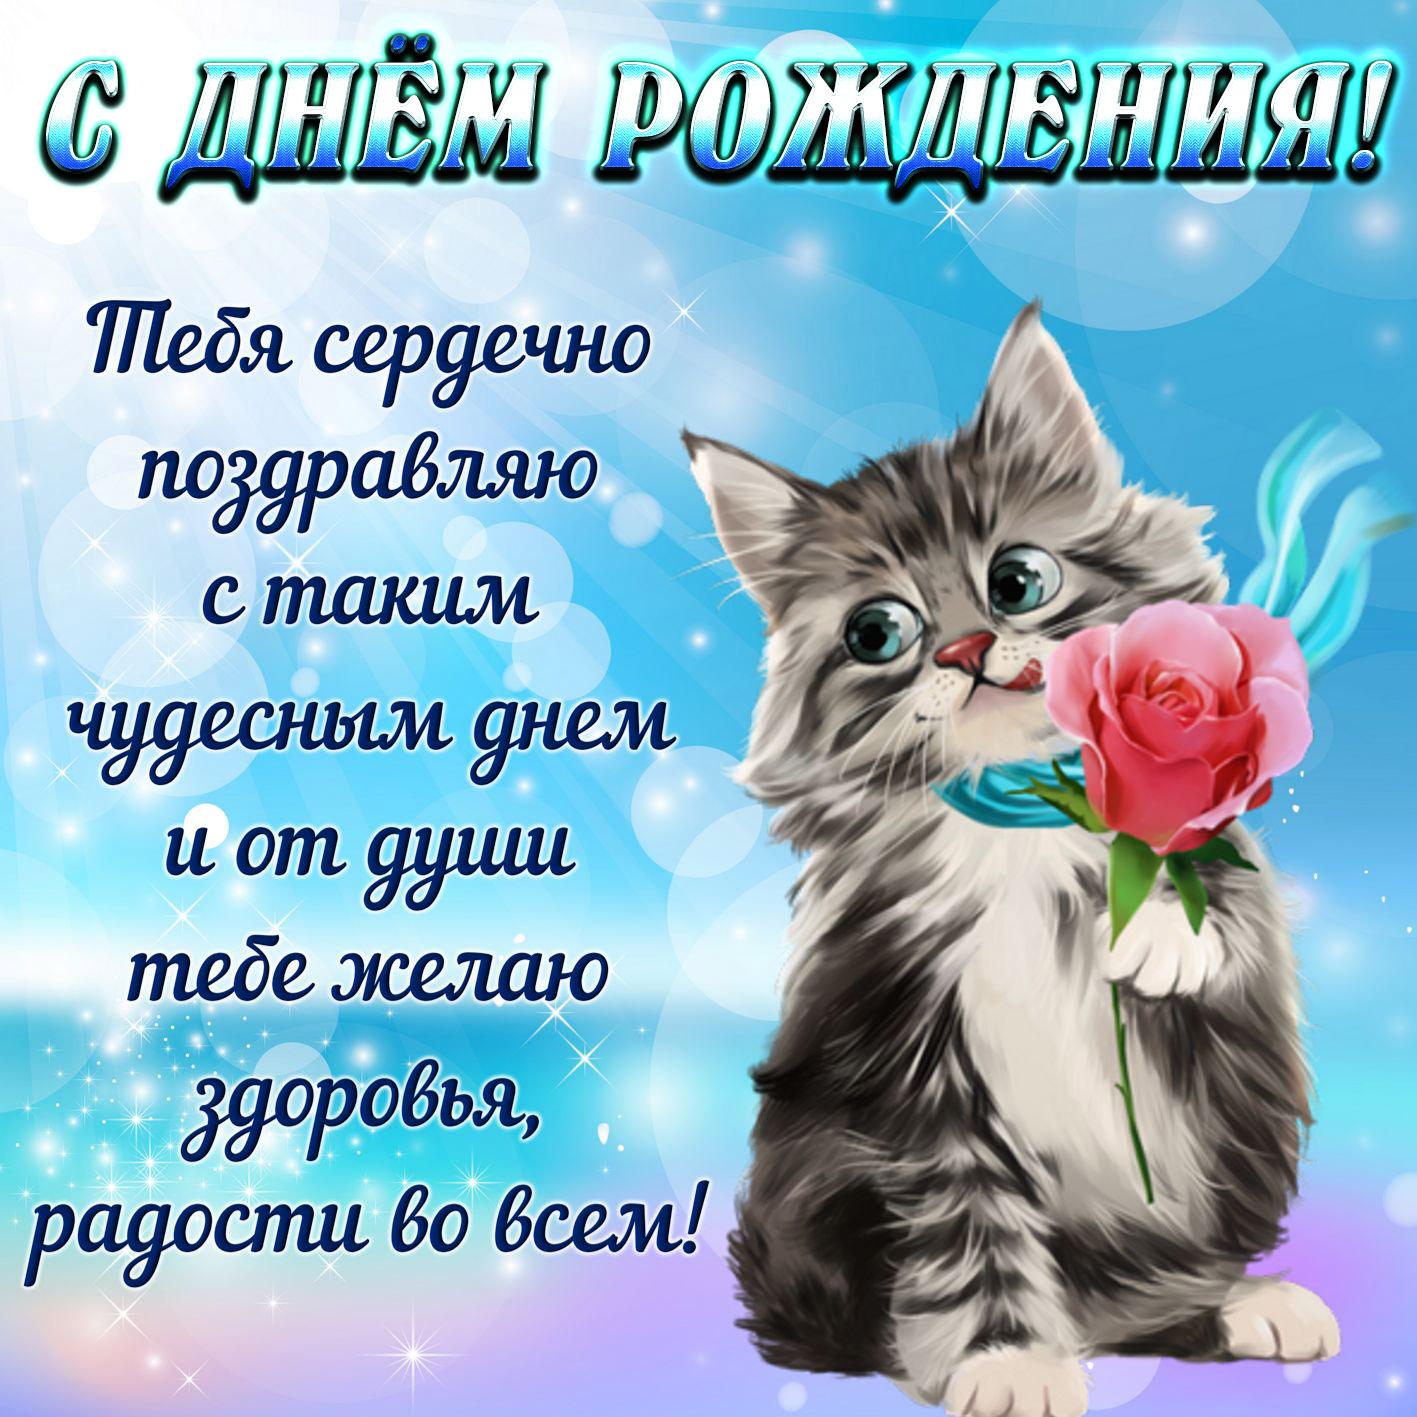 https://kartinki-life.ru/articles/2018/08/28/krasivye-otkrytki-c-dnem-rozhdeniya-dlya-zhenshhin-chast-1-aya-2.jpg